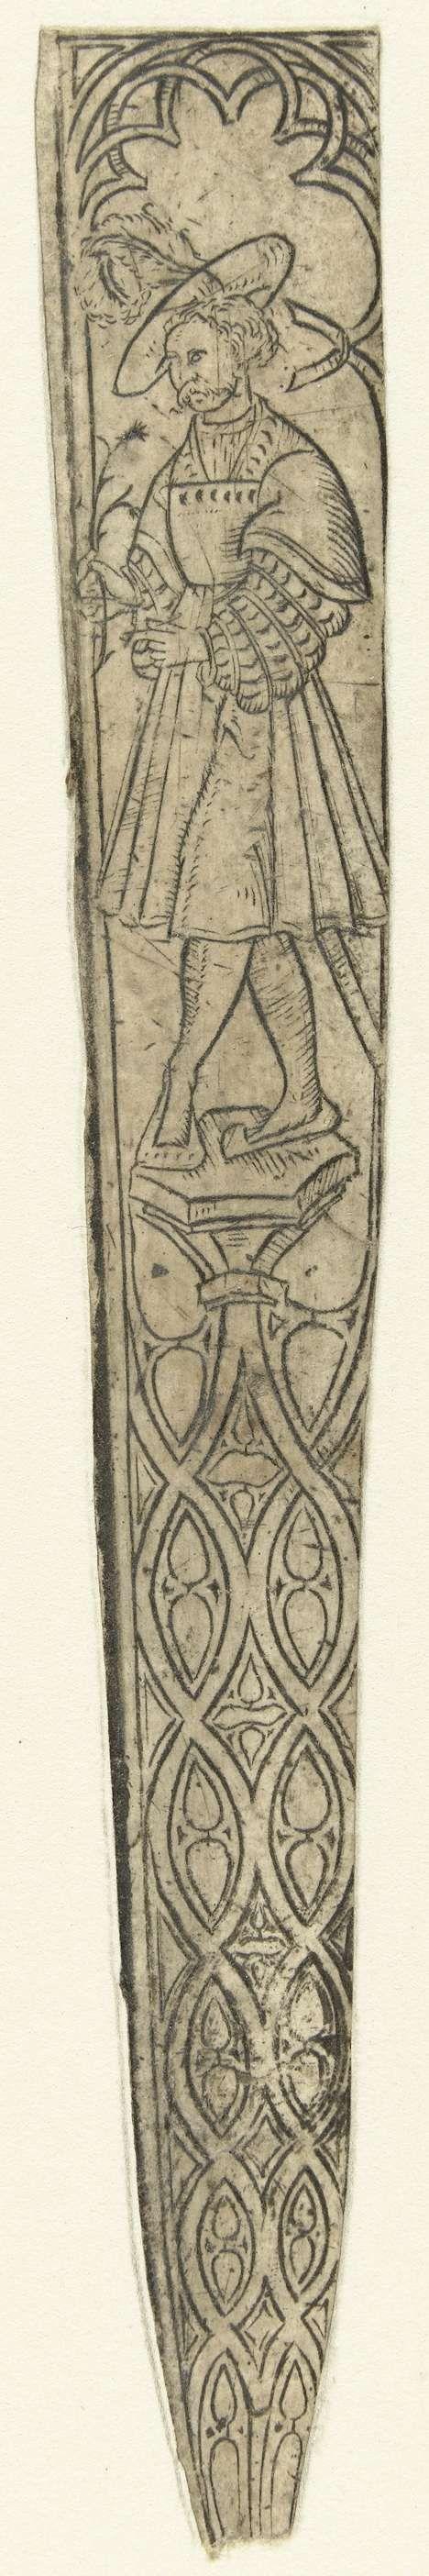 Anonymous   Schede met bovenaan een man, Anonymous, c. 1500 - c. 1600   Bovenaan staat een man met een hoed op en een bloem in zijn hand onder een gotisch boogje. Het onderste gedeelte is gedecoreerd met geometrische motieven.